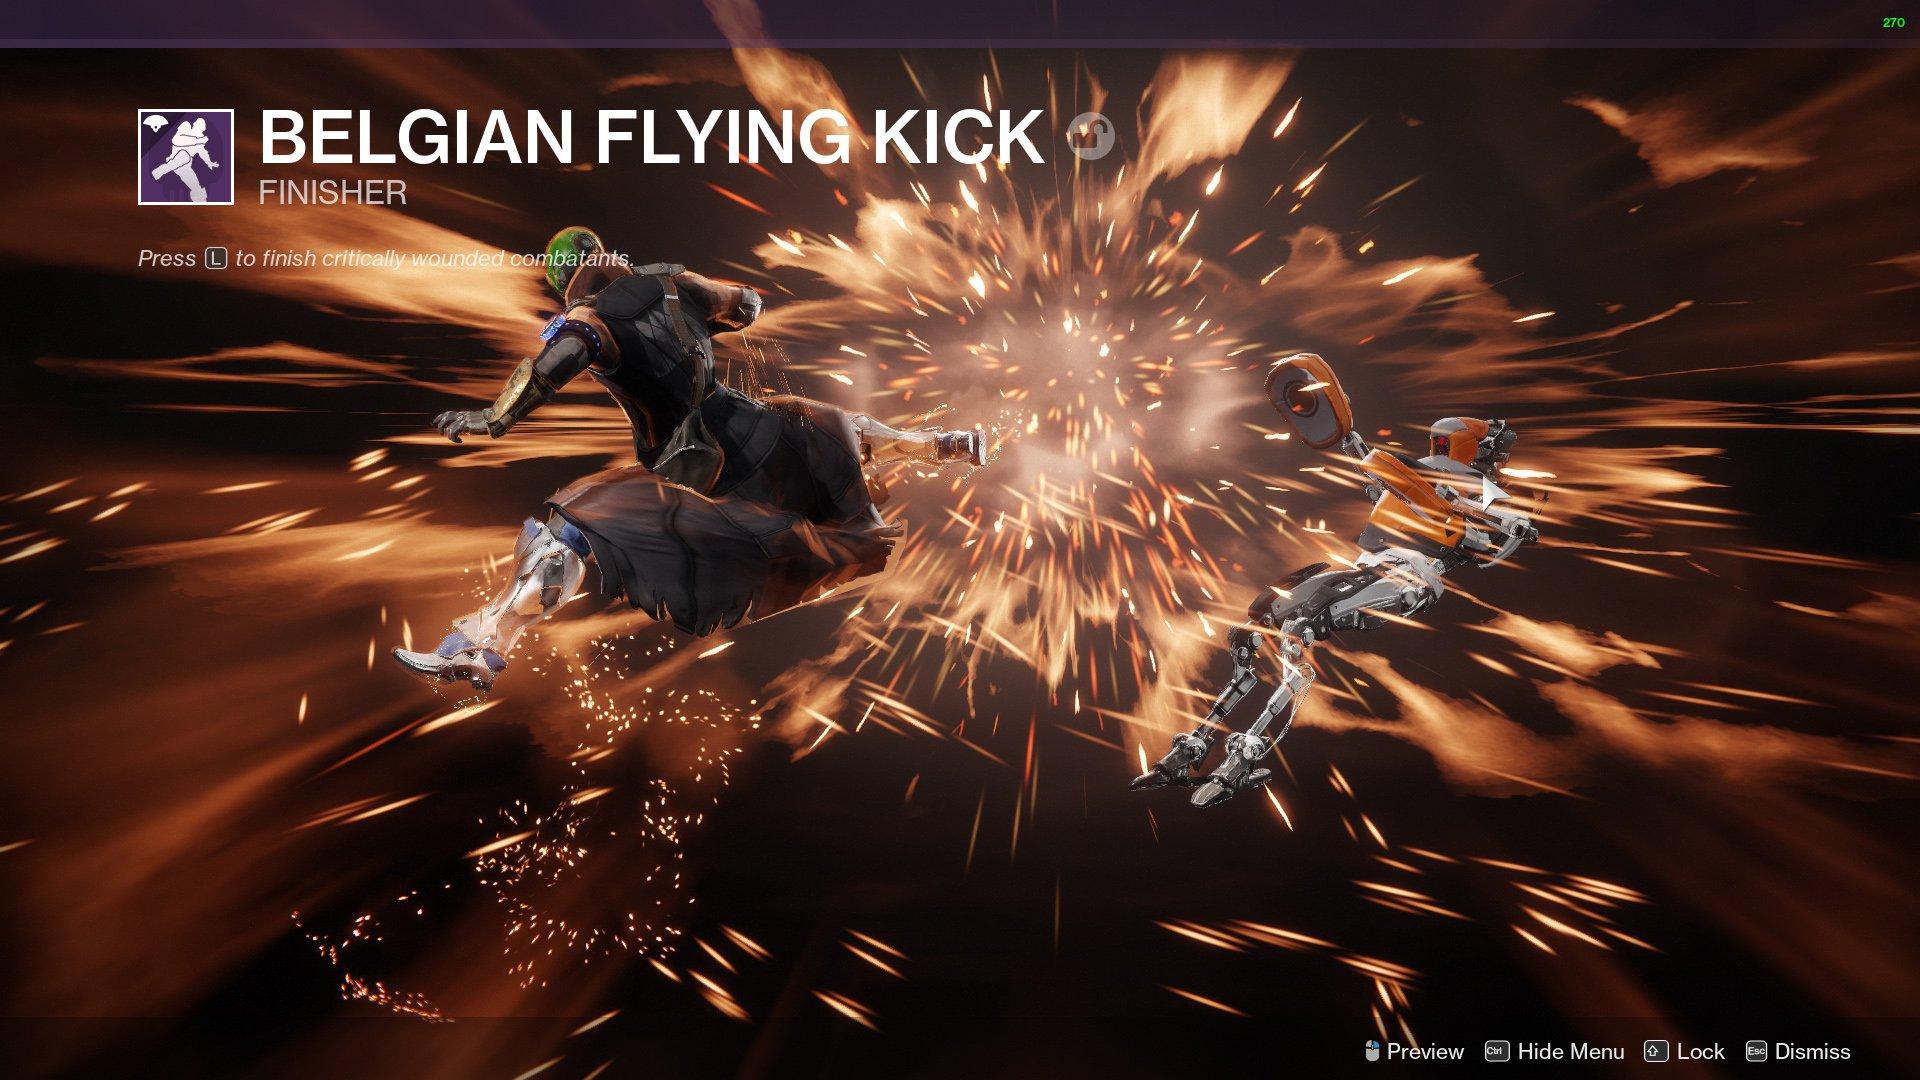 Destiny 2 Finisher Belgian Flying Kick